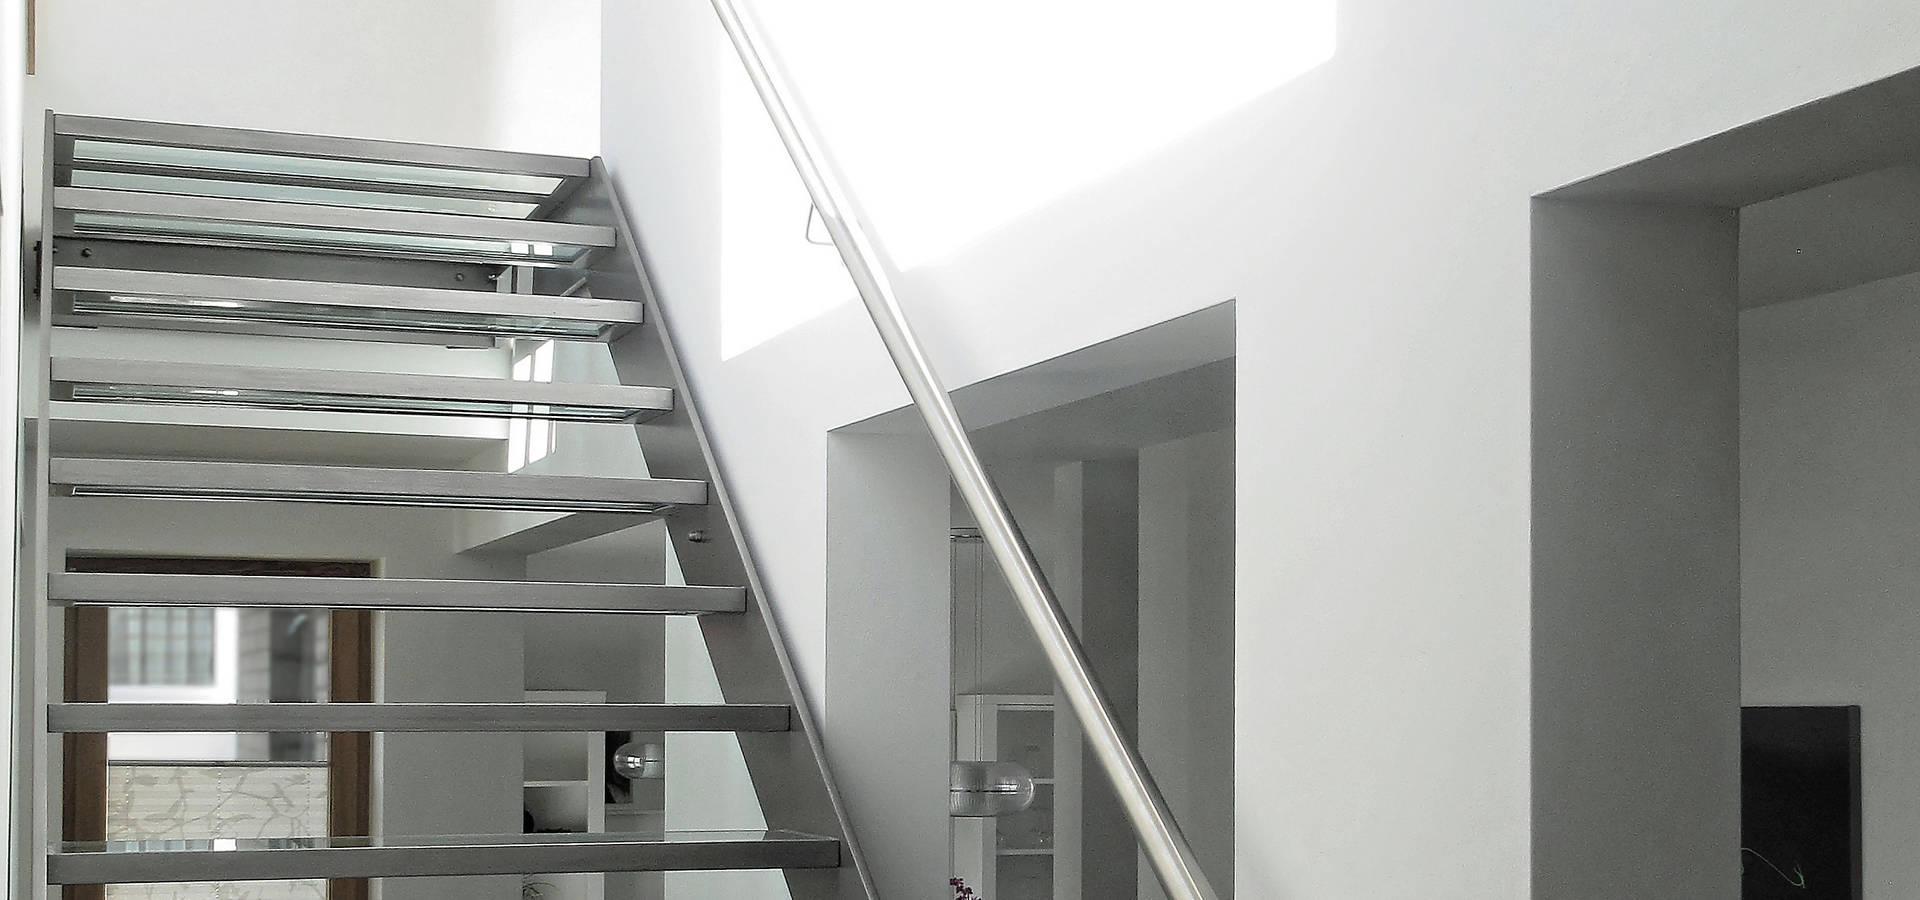 Architekturbüro Ralf Hatzmann